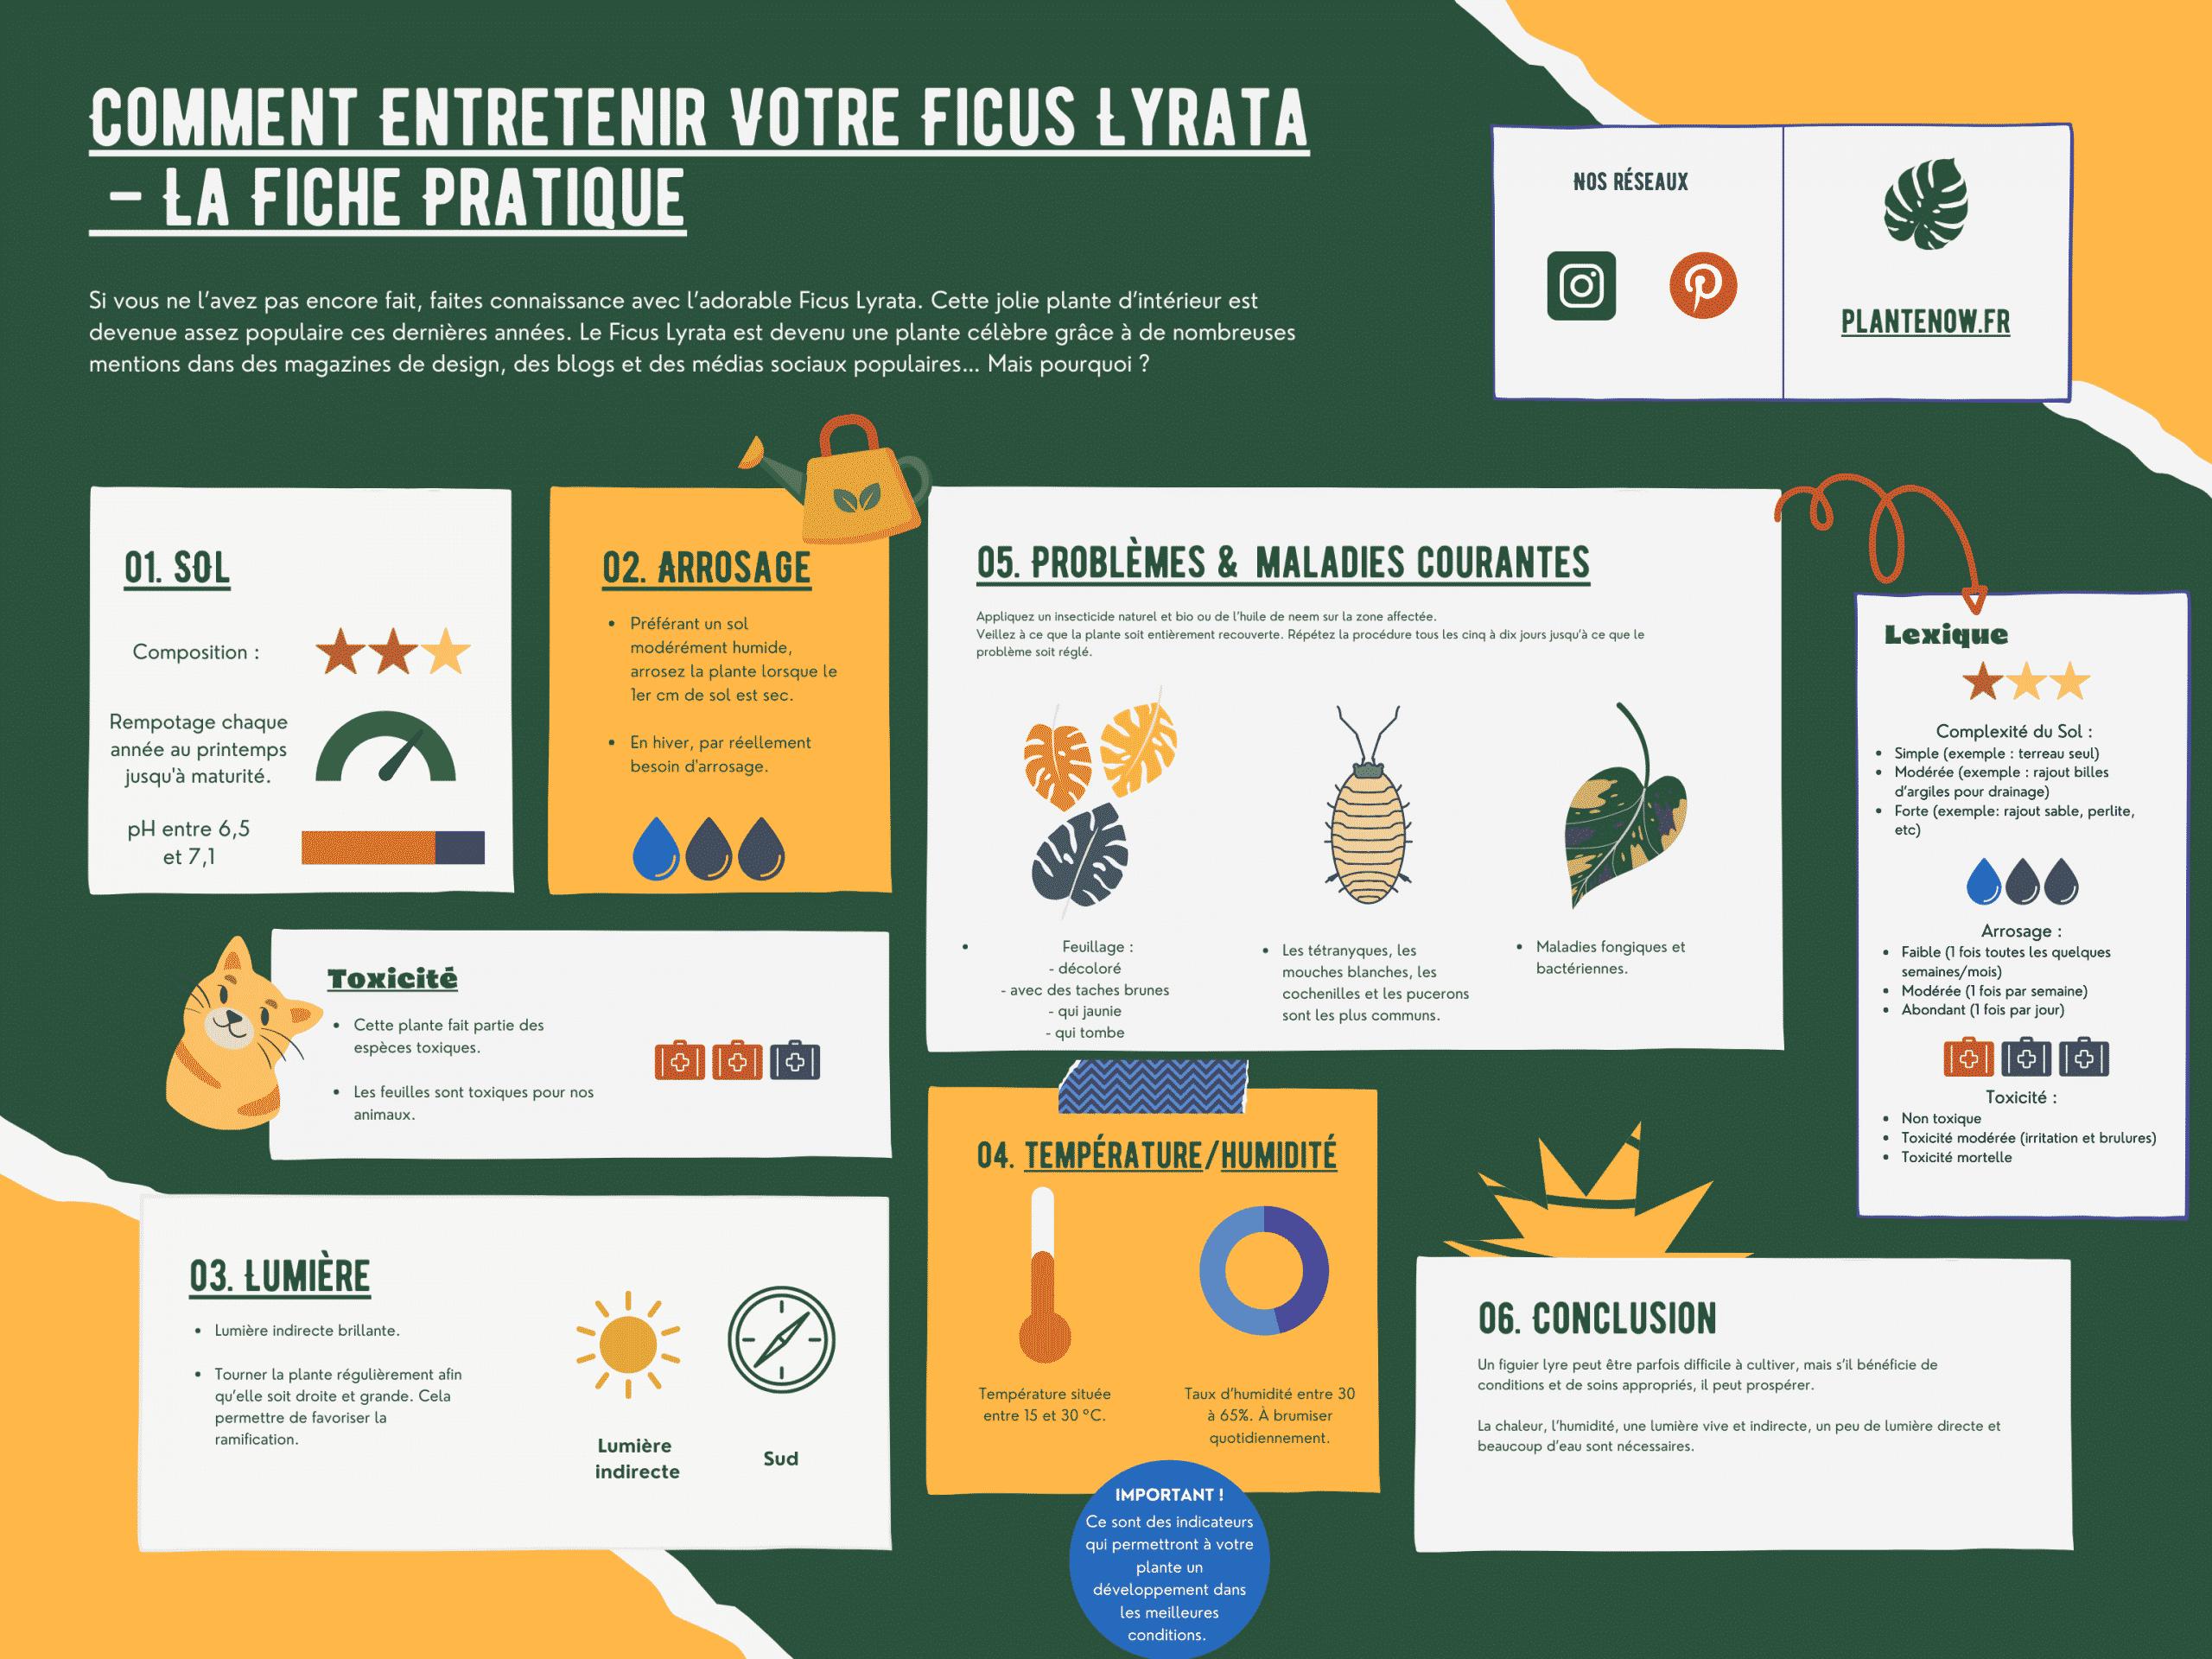 Comment Entretenir Votre Ficus Lyrata – La Fiche Pratique